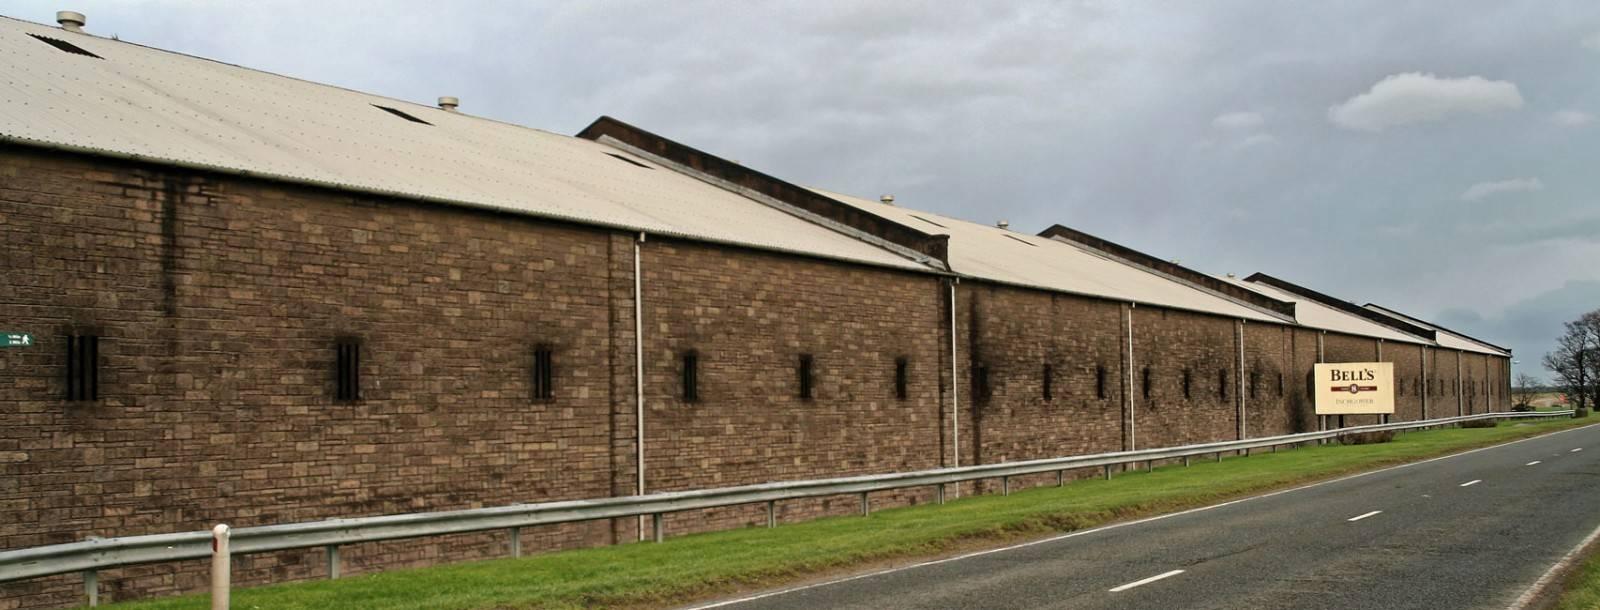 Inchgower Lagerhäuser